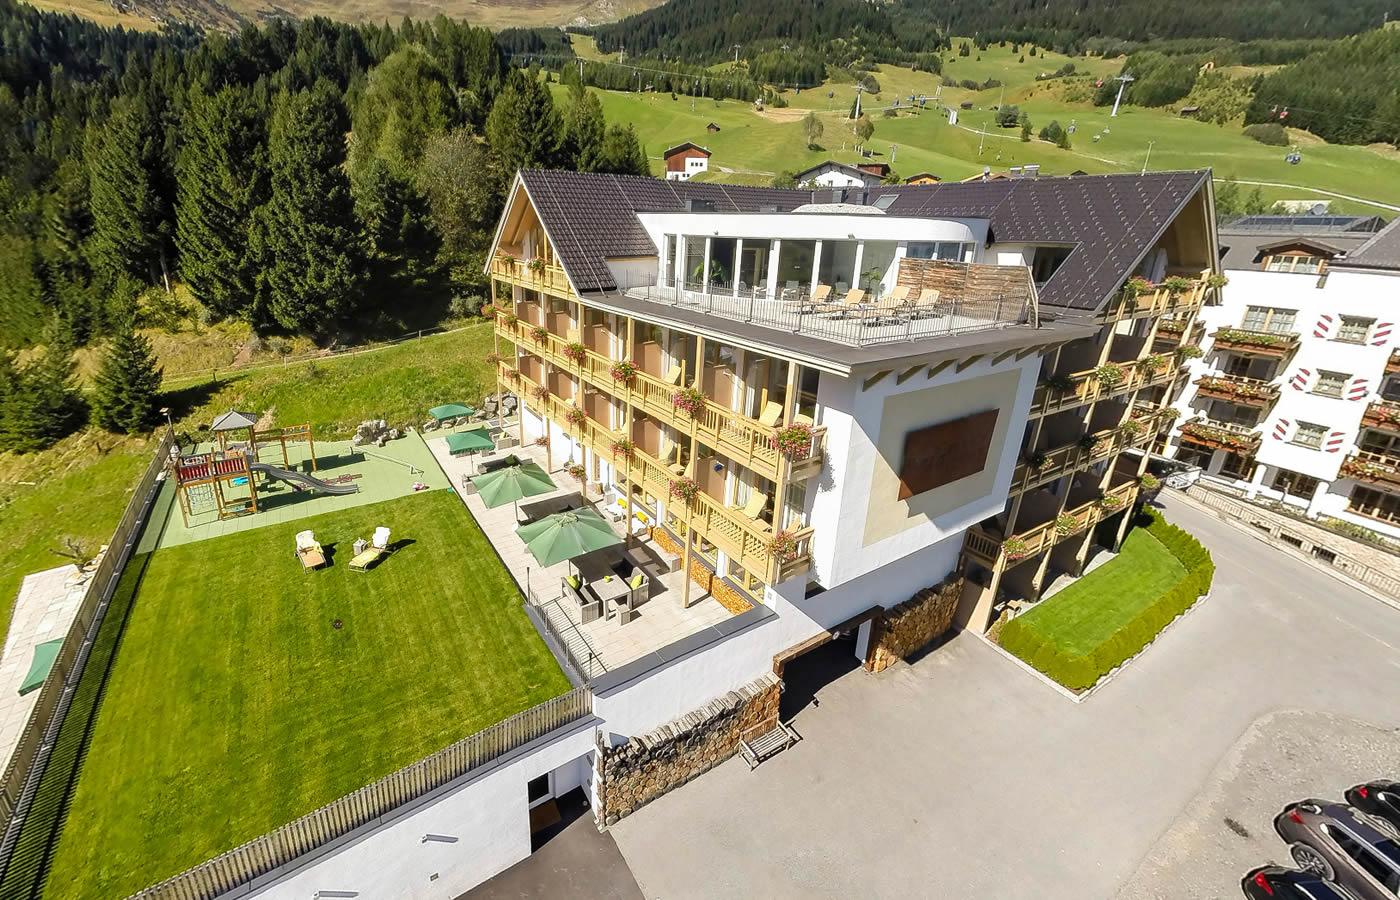 Natürlich. Hotel in Fiss - Südansicht Sommer - Urlaub in Tirol.